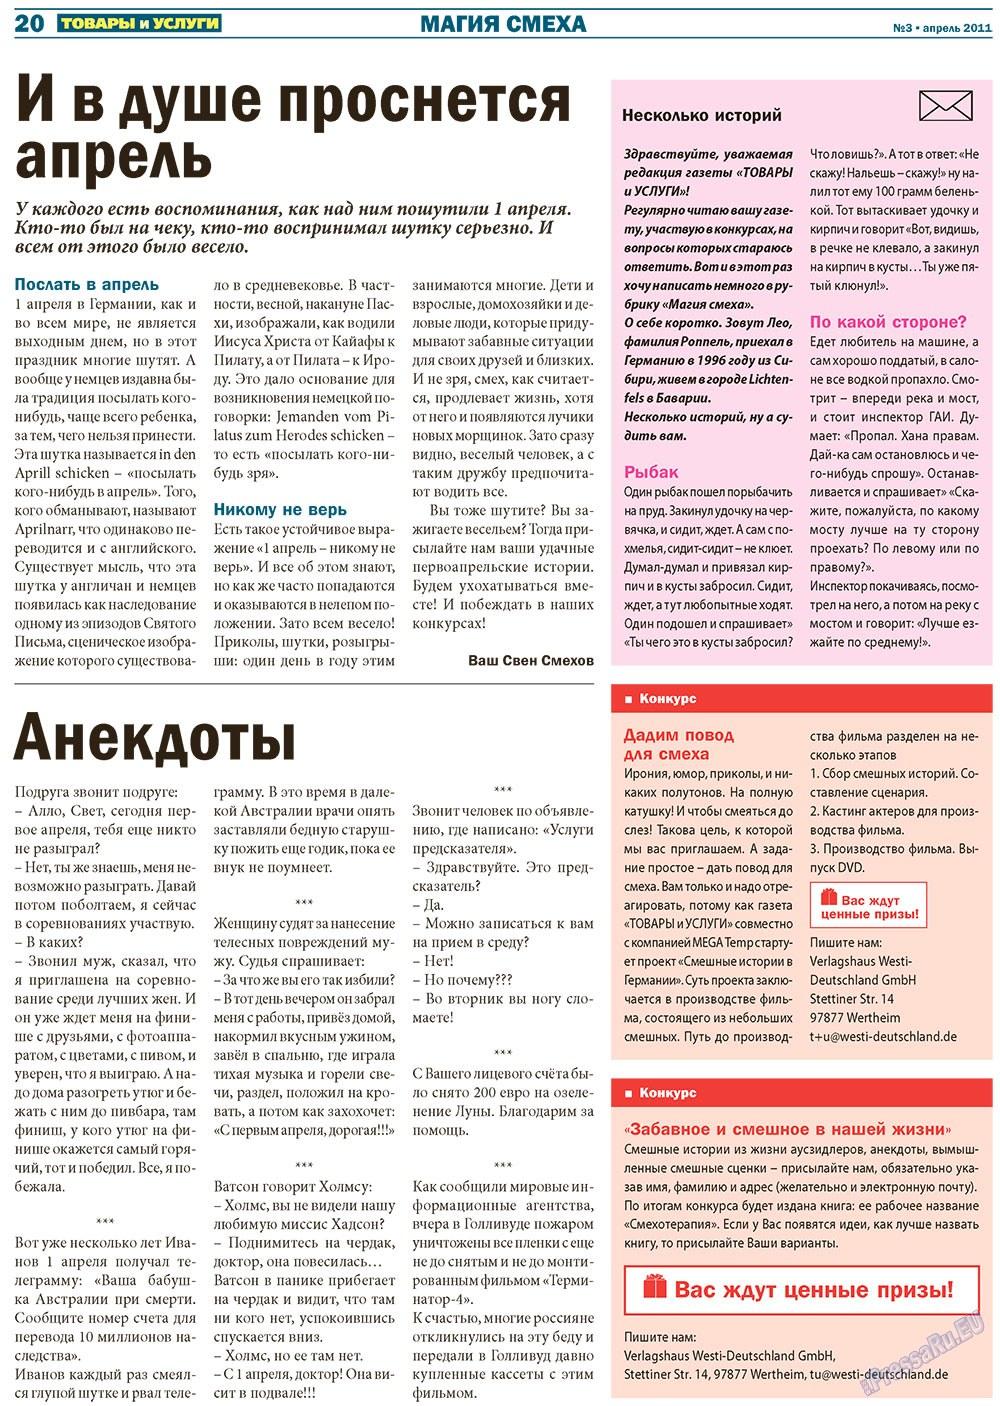 Товары и услуги (газета). 2011 год, номер 3, стр. 20